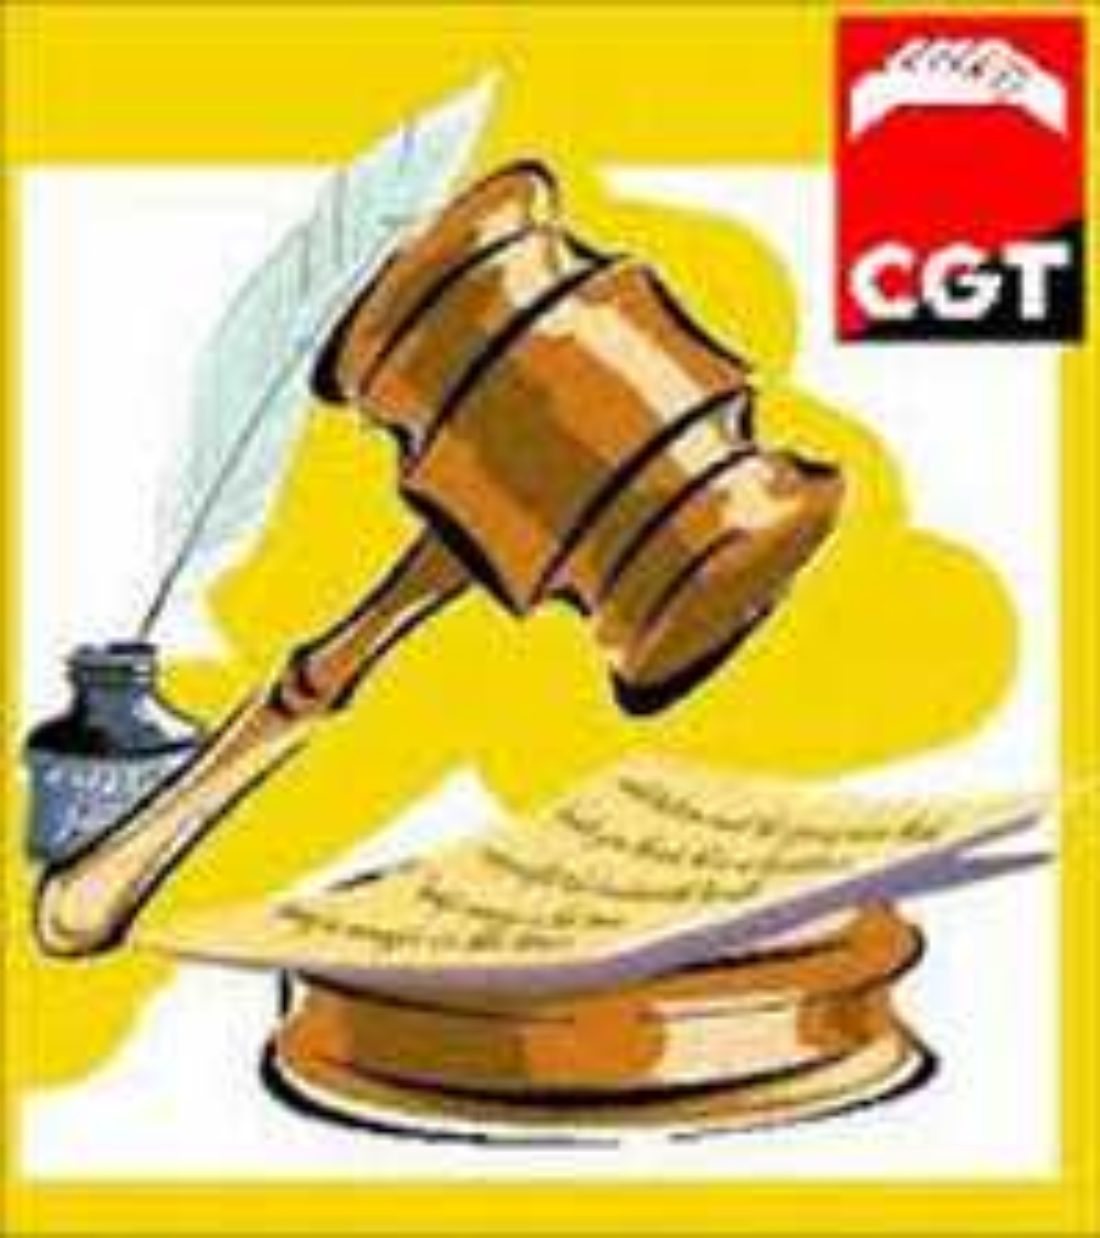 El Tribunal Supremo da la razón a CGT sobre el disfrute de los permisos retribuidos en días laborables en el sector de Ingeniería